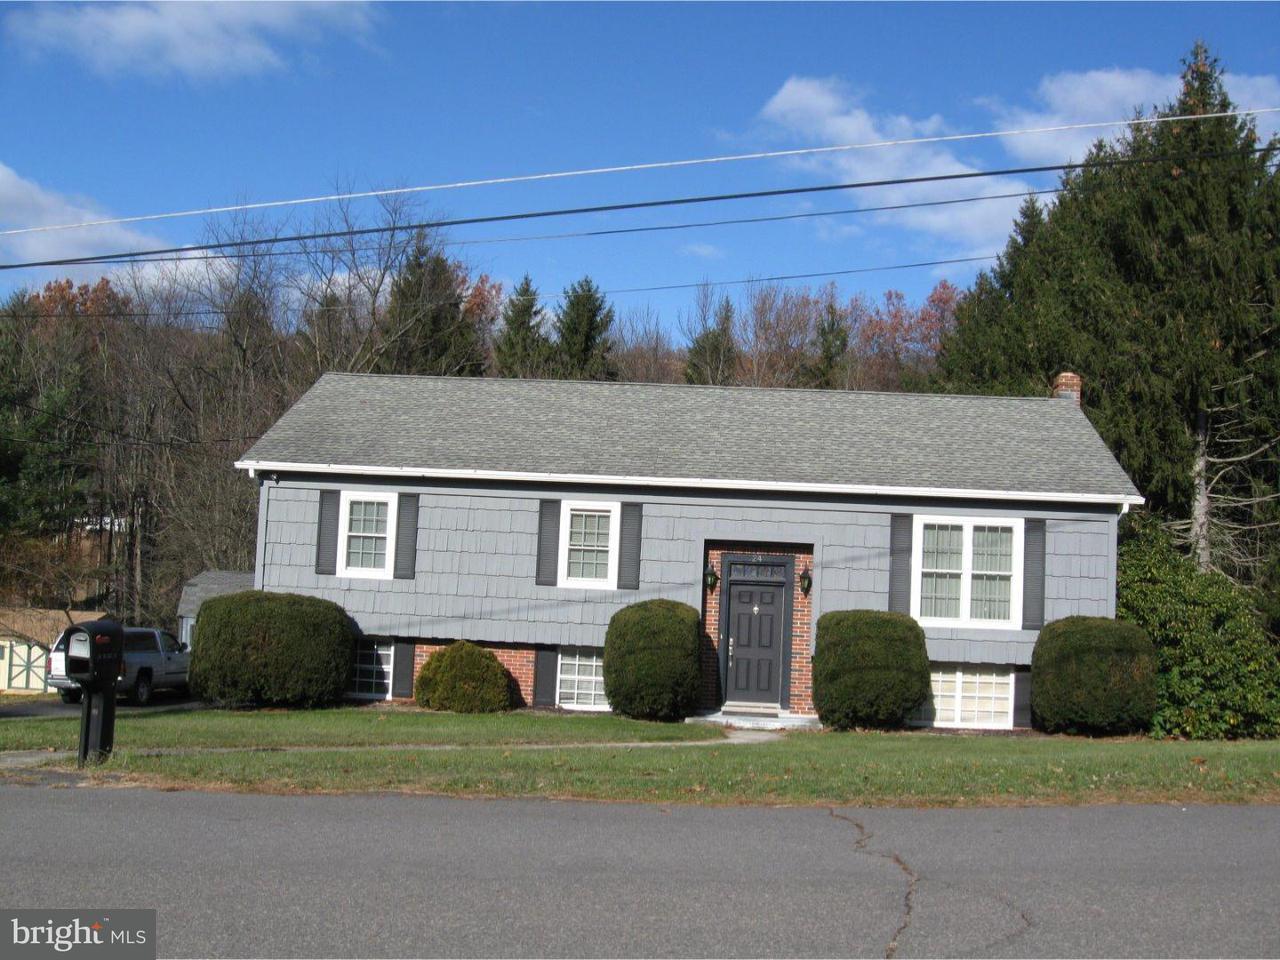 Частный односемейный дом для того Продажа на 24 PINE Street Ashland, Пенсильвания 17921 Соединенные Штаты